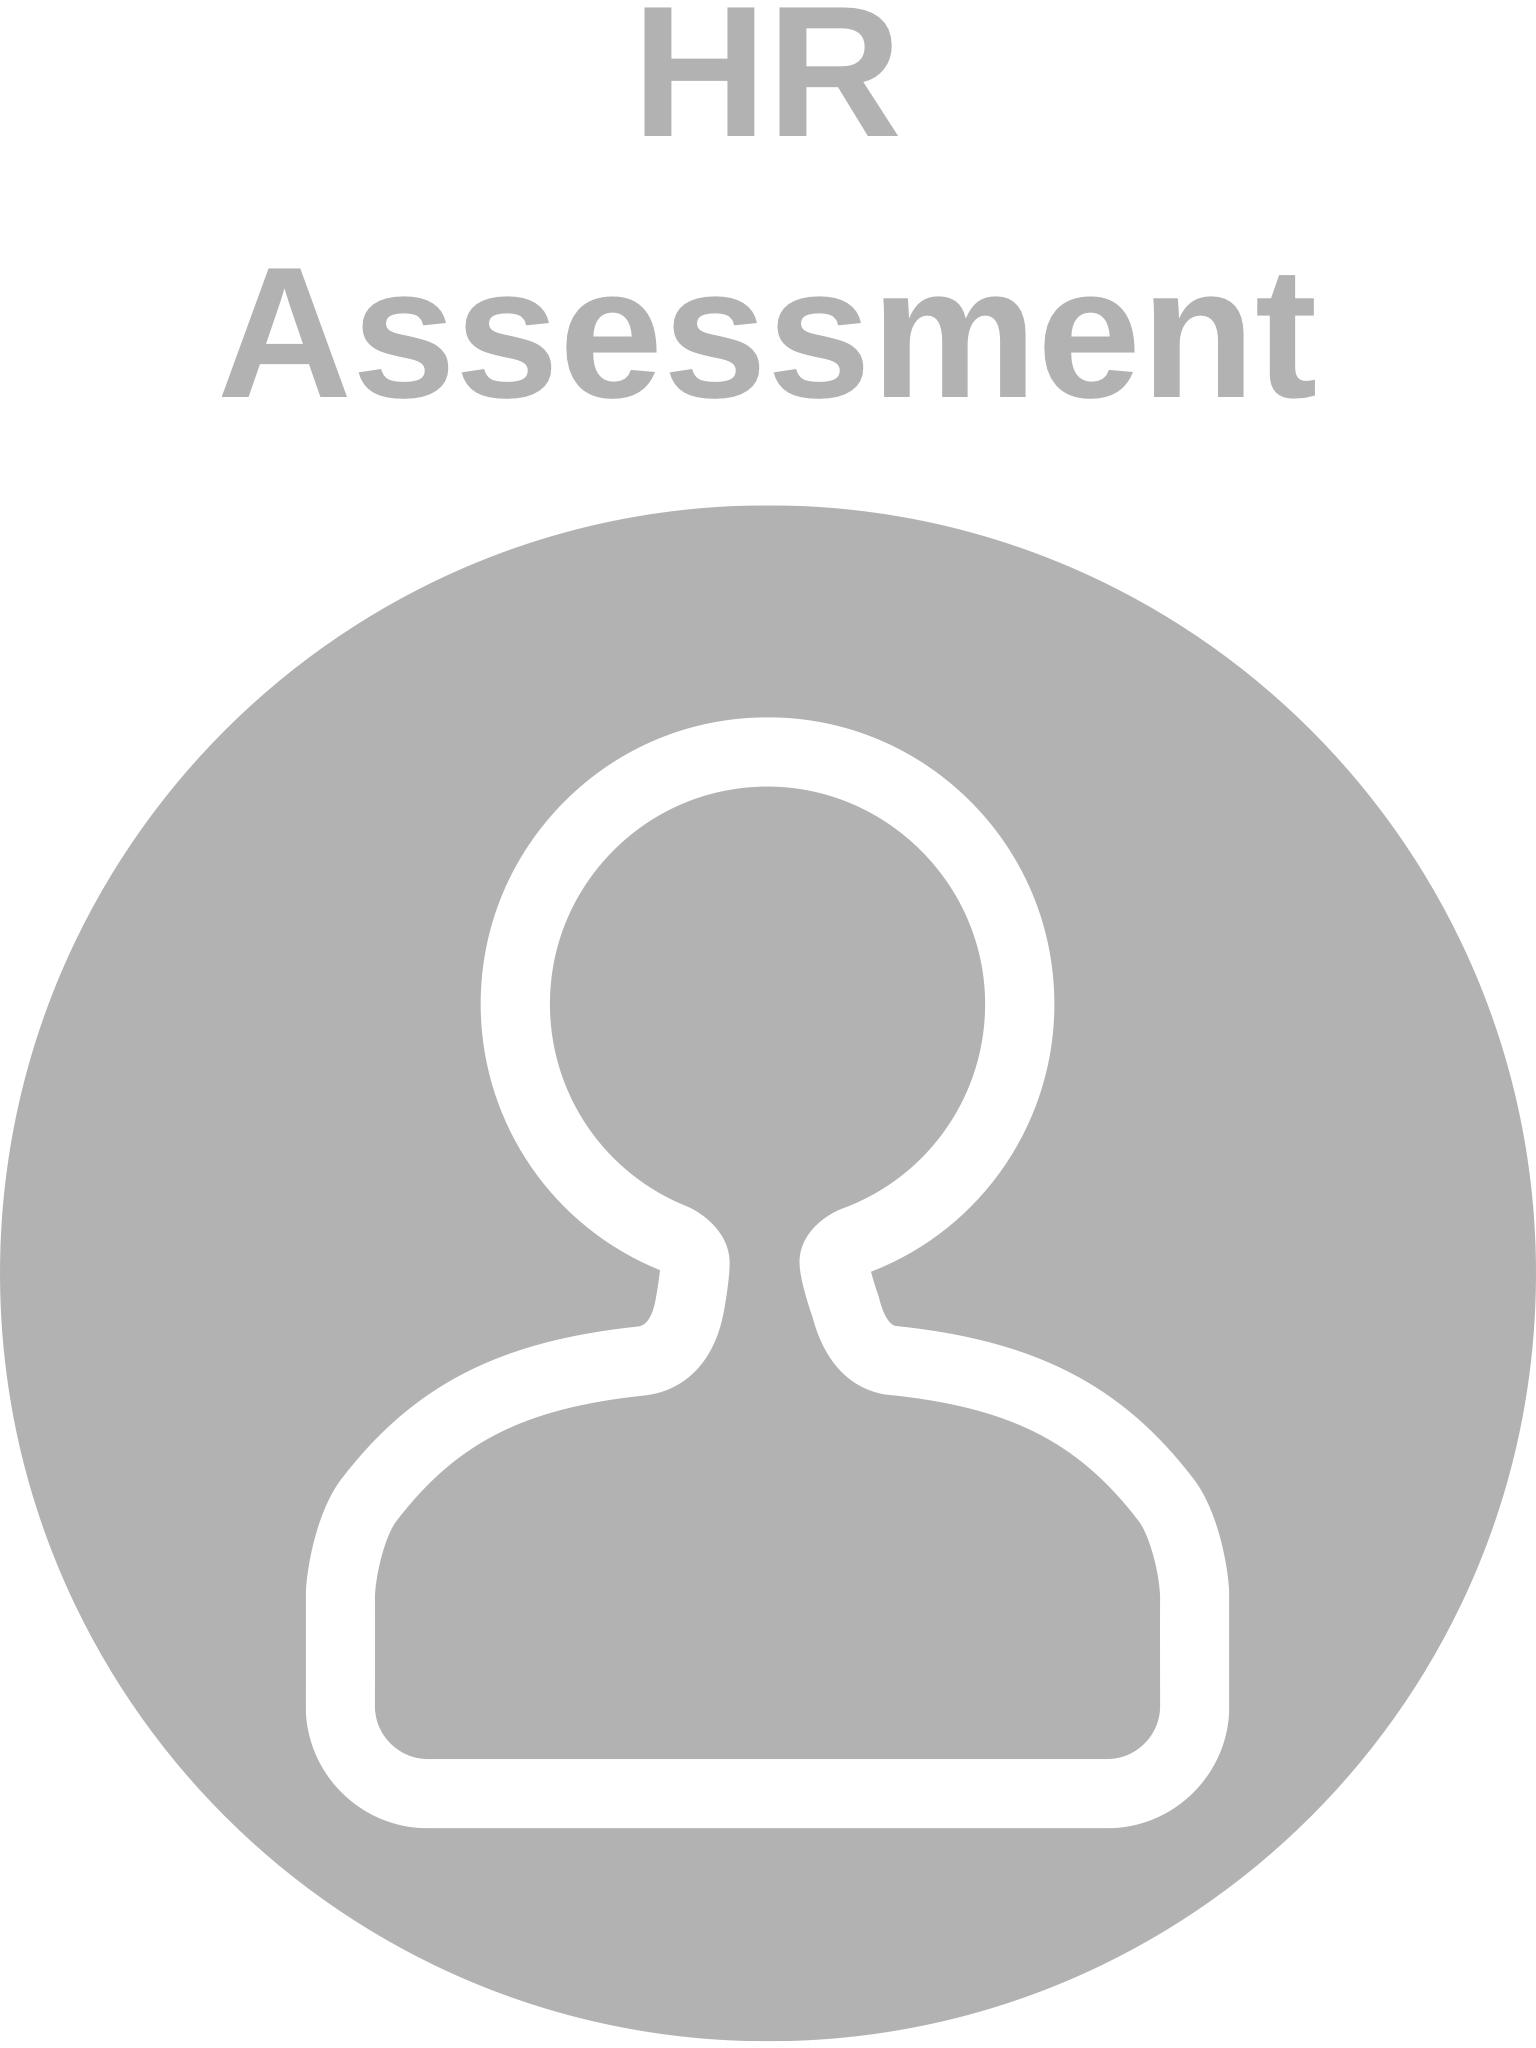 HR bespoke assessment solutions